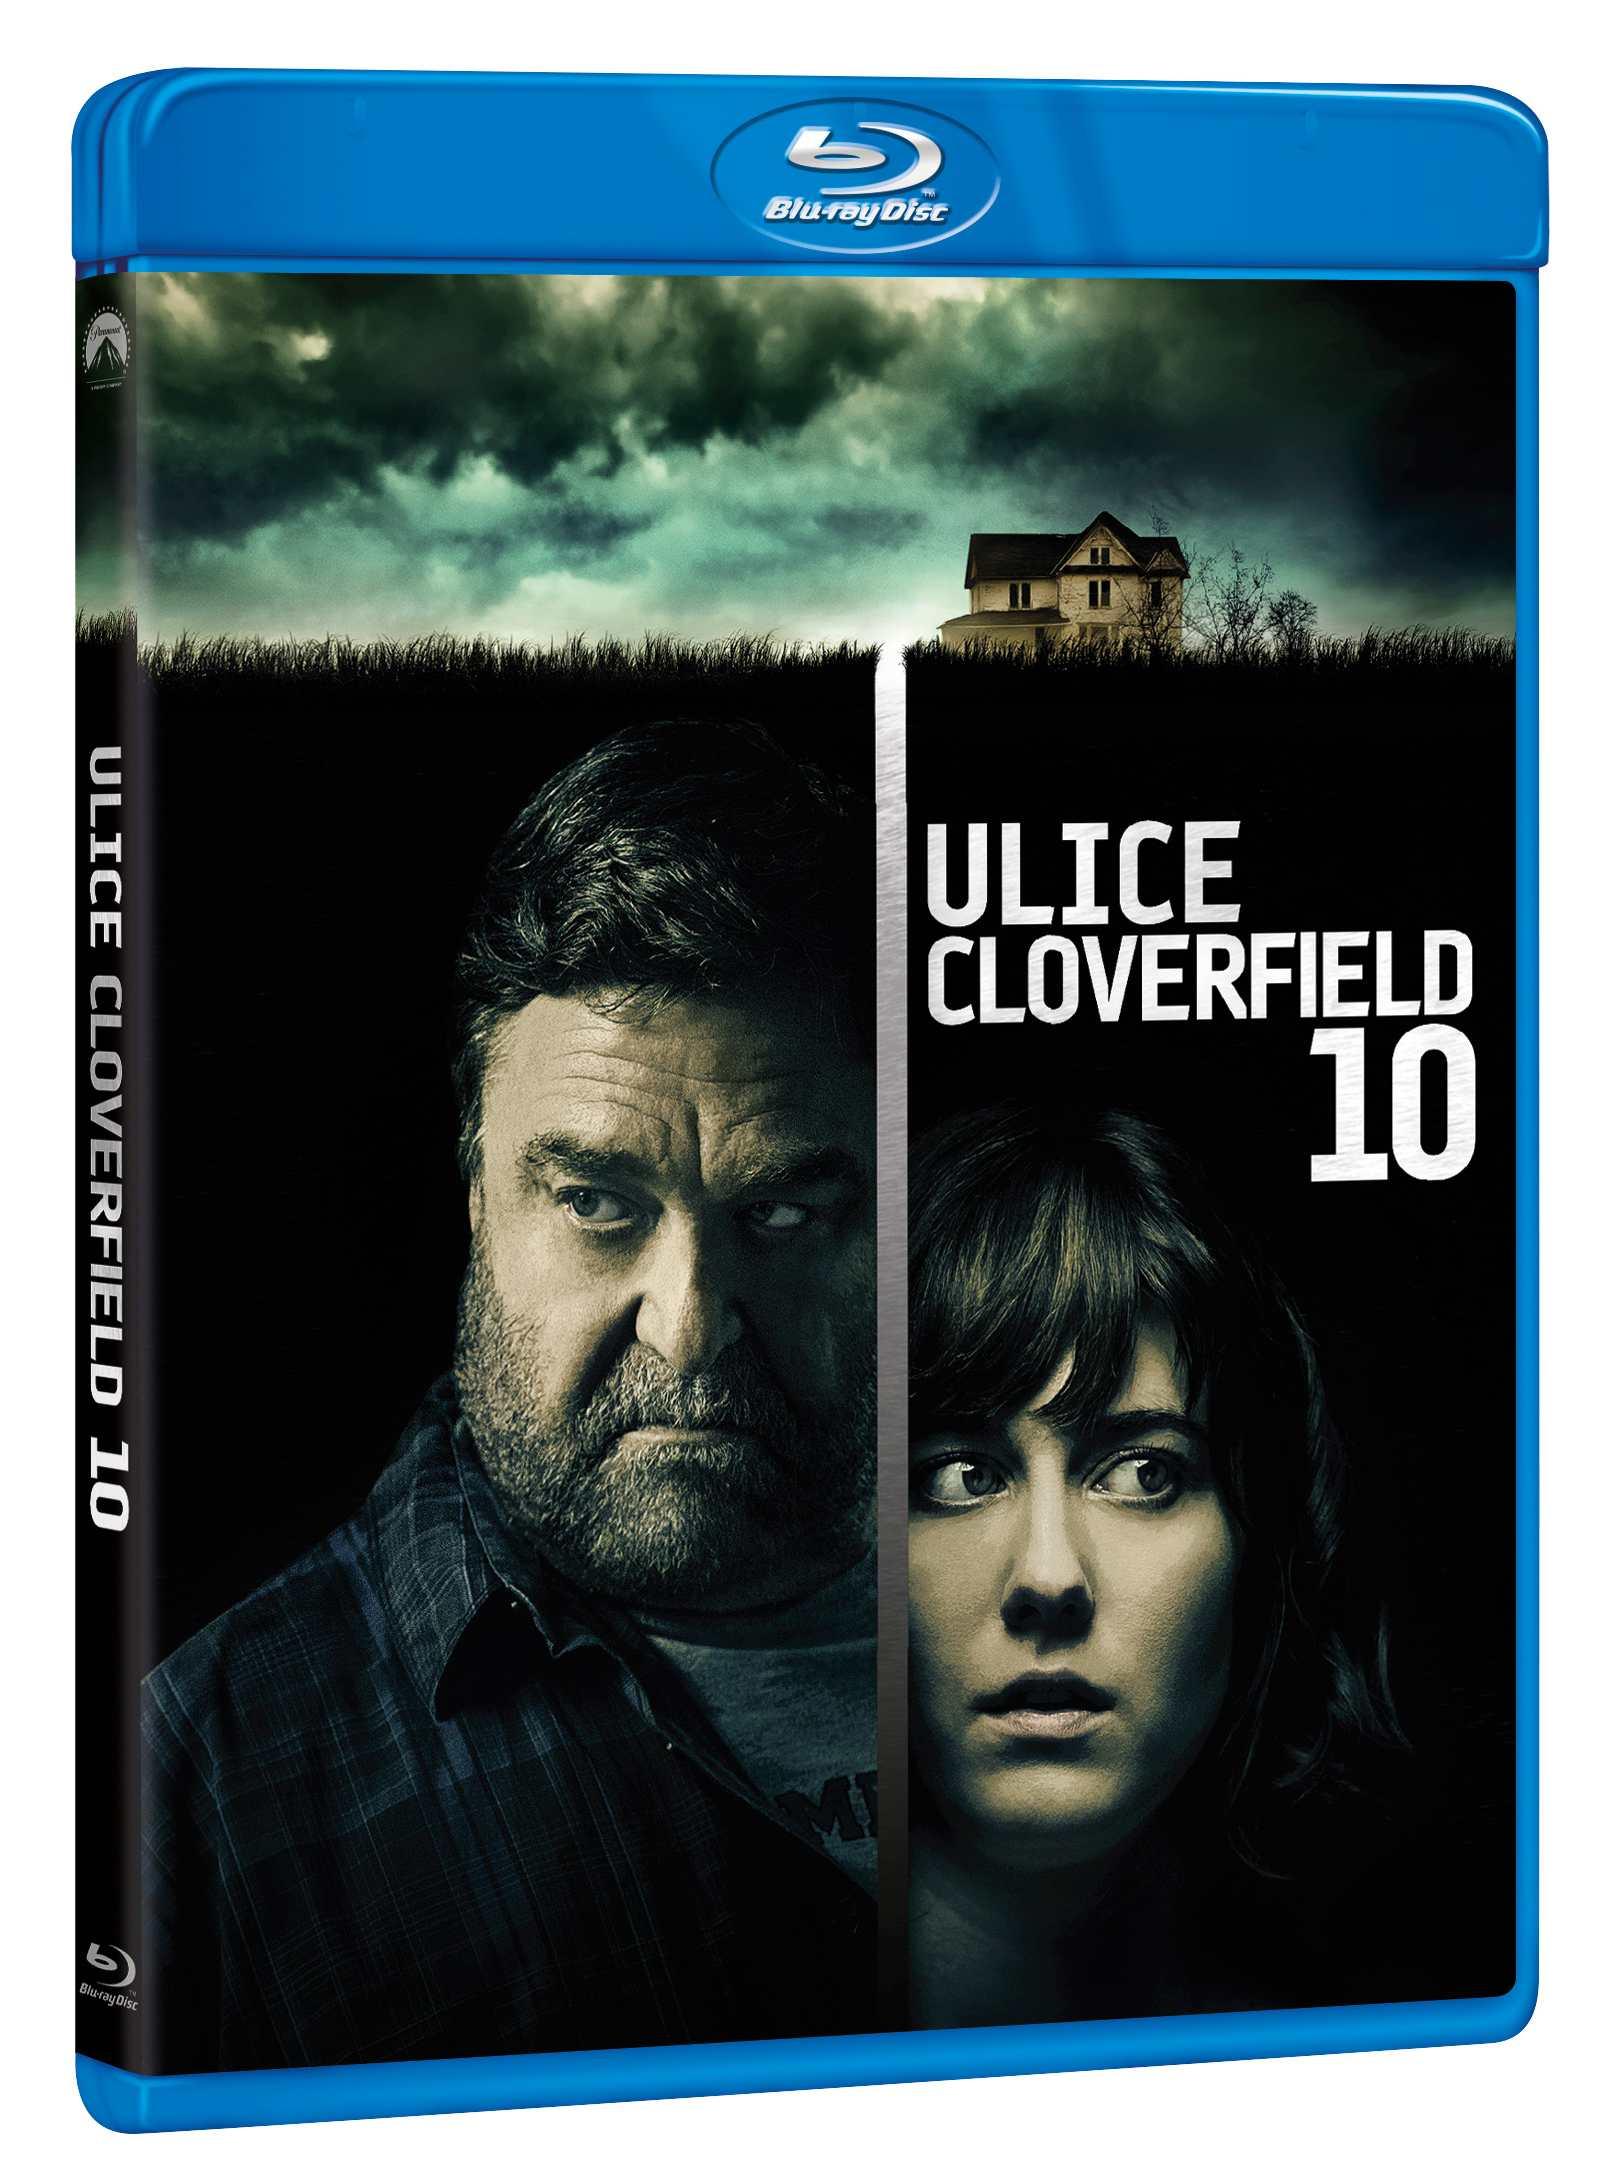 ULICE CLOVERFIELD 10 - Blu-ray